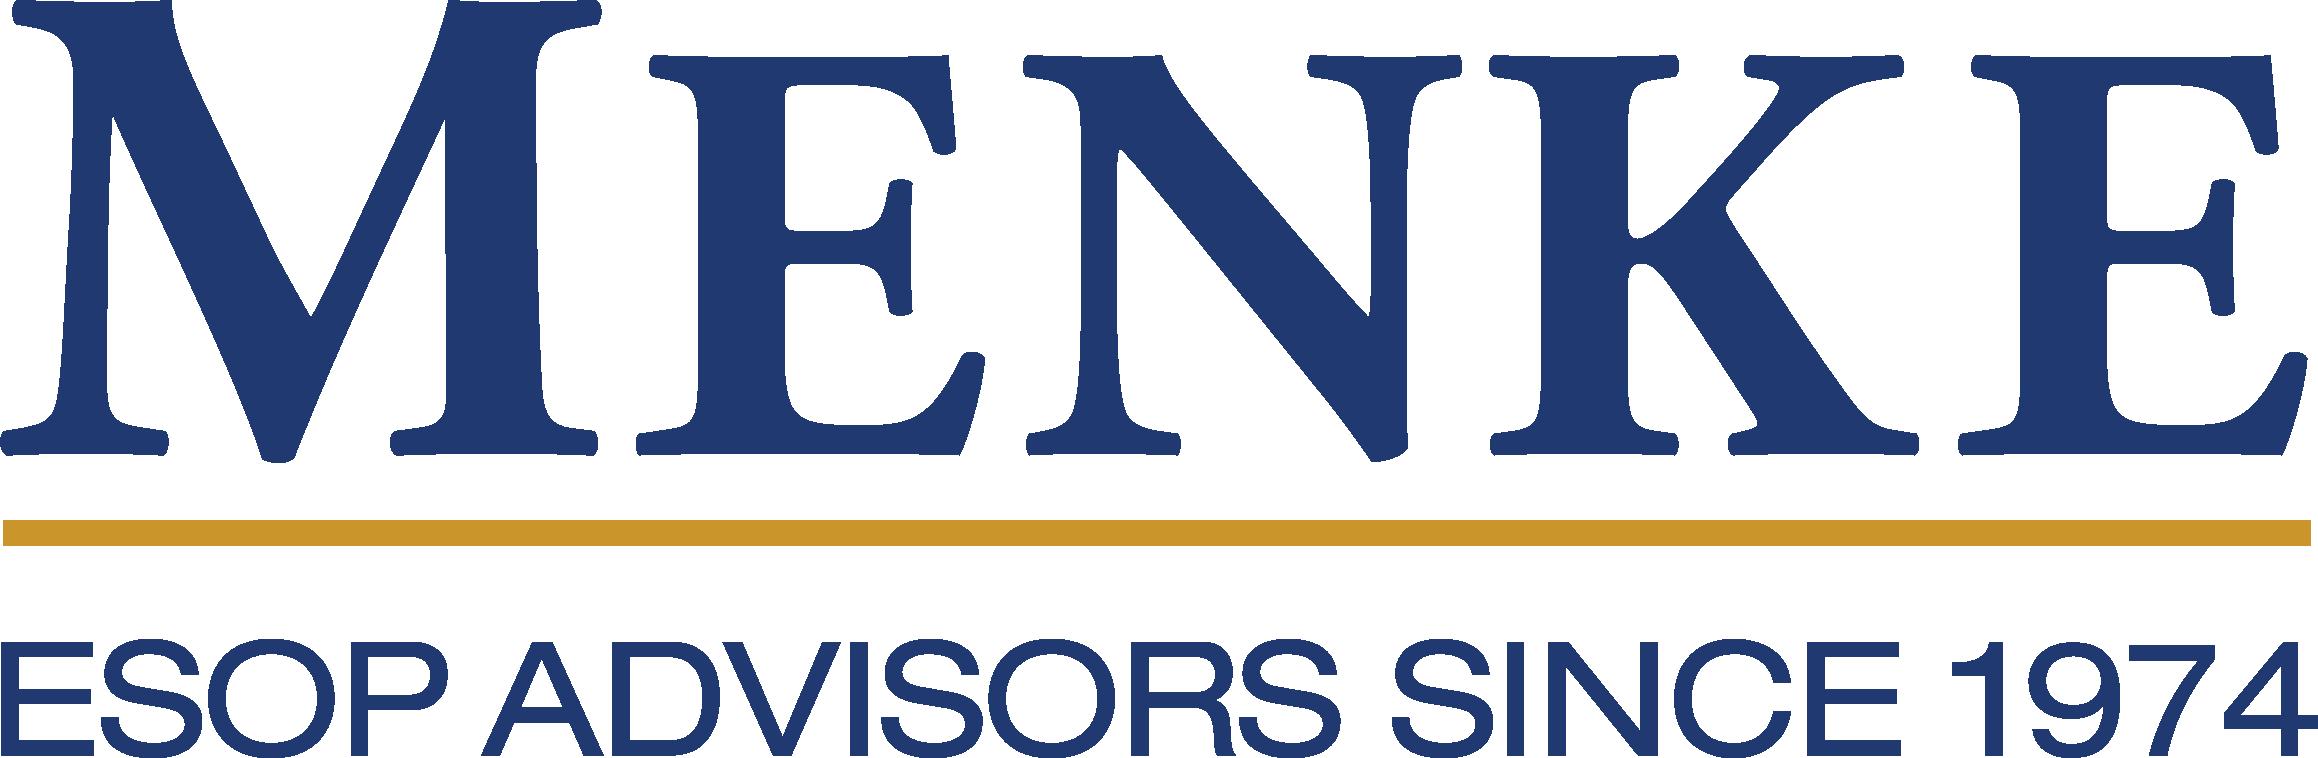 The Menke Group Logo